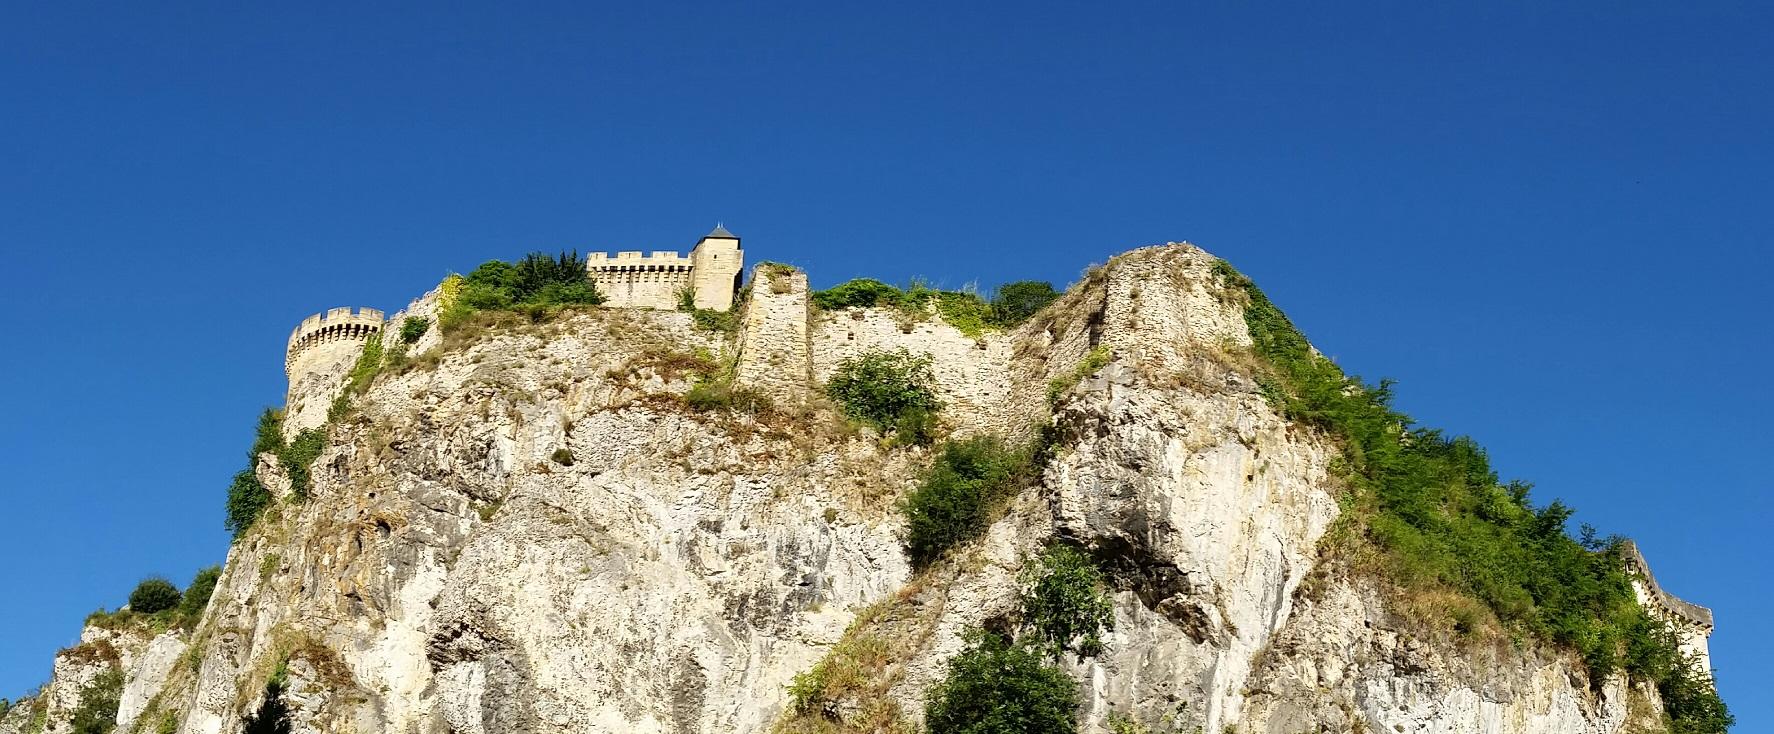 Rocher-du-château